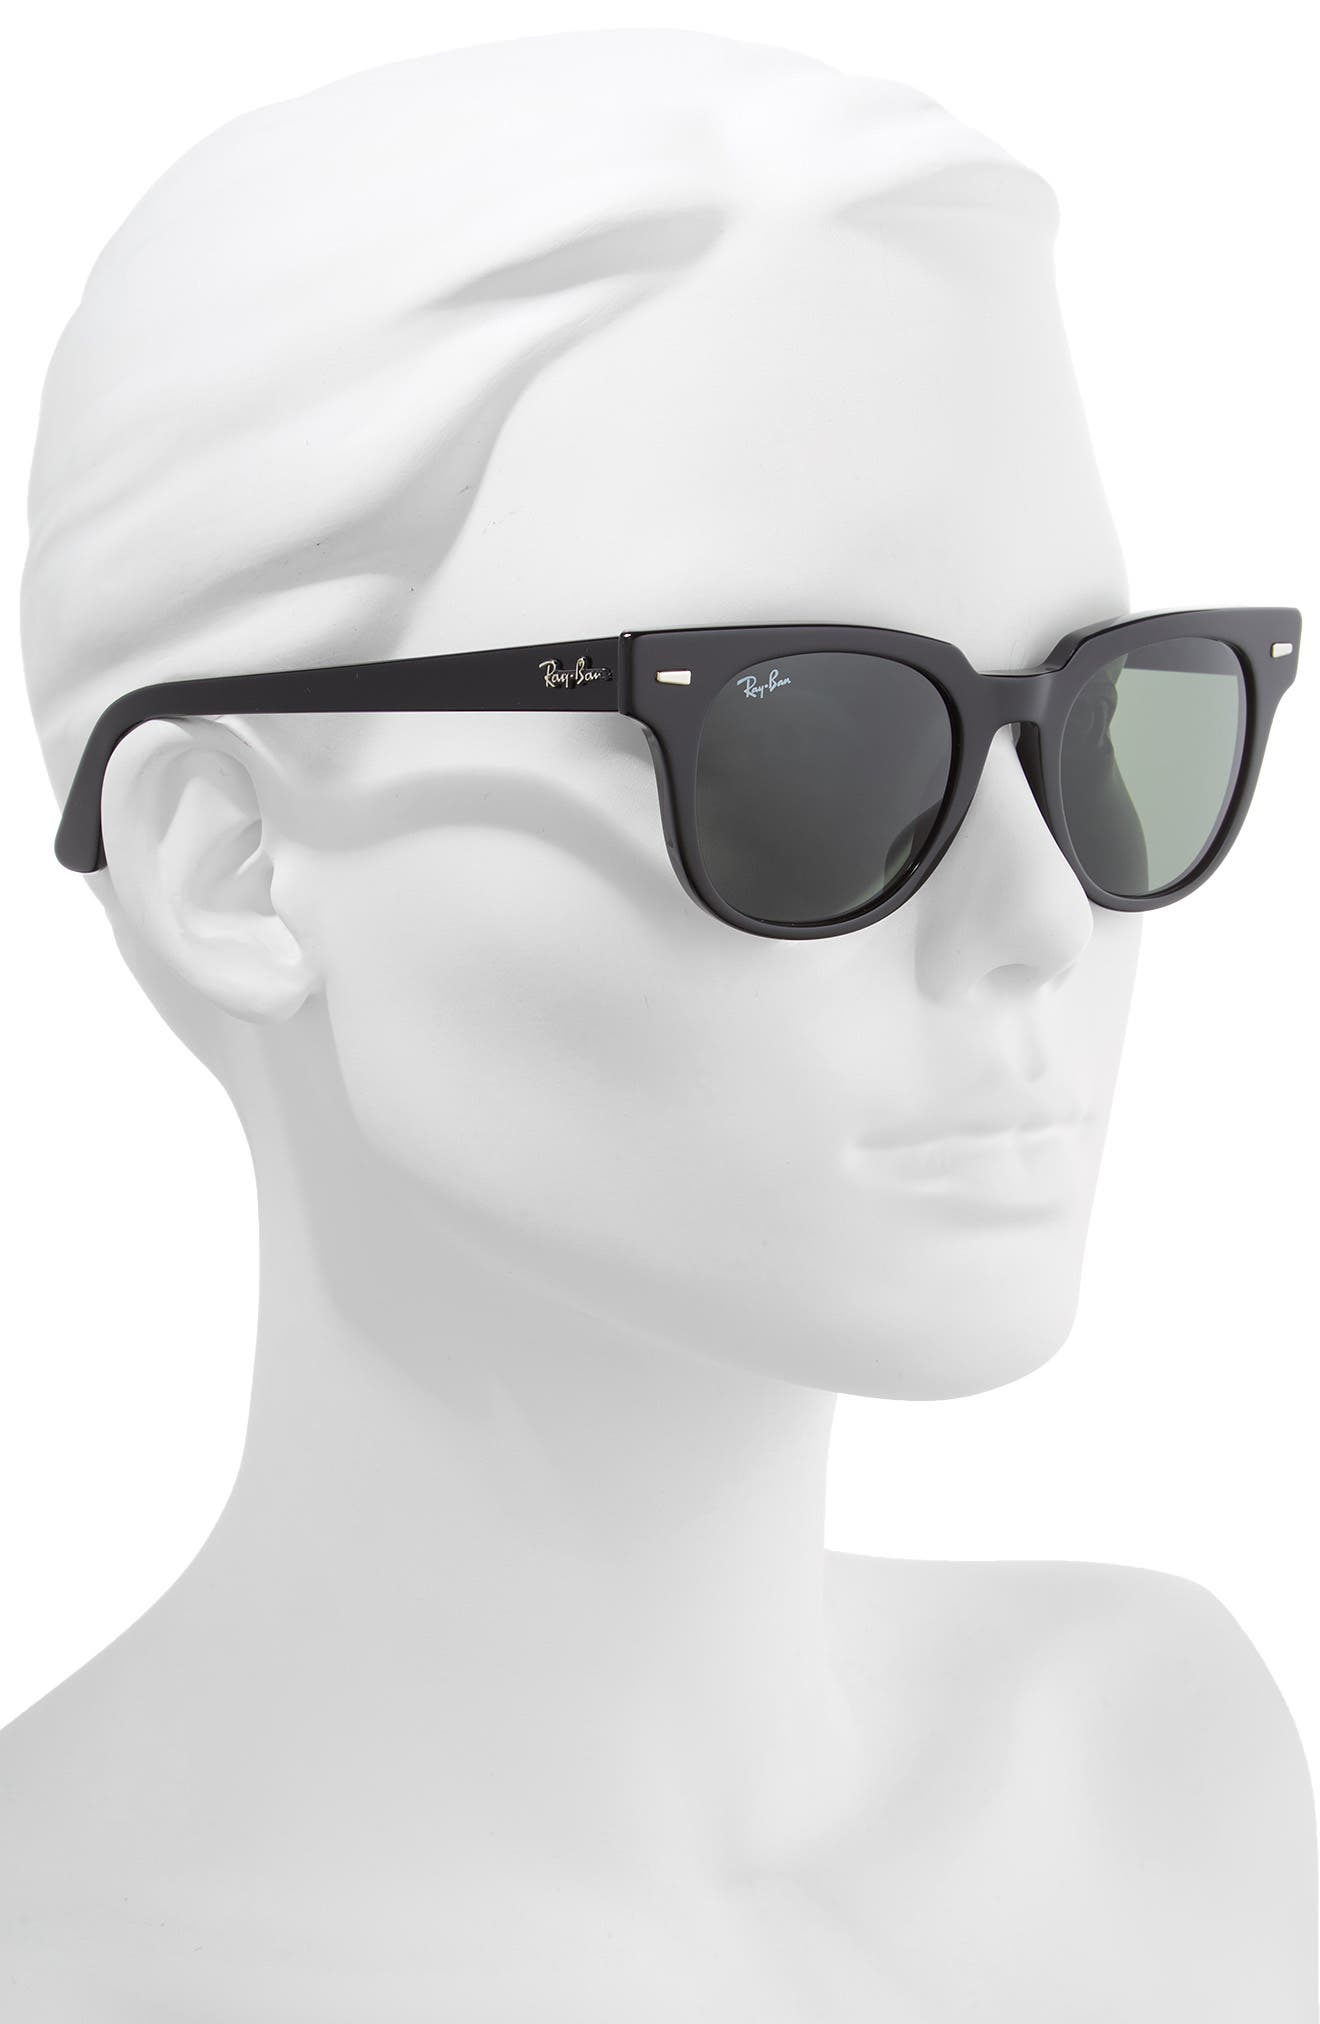 Wayfarer 50mm Square Sunglasses,                             Alternate thumbnail 2, color,                             BLACK